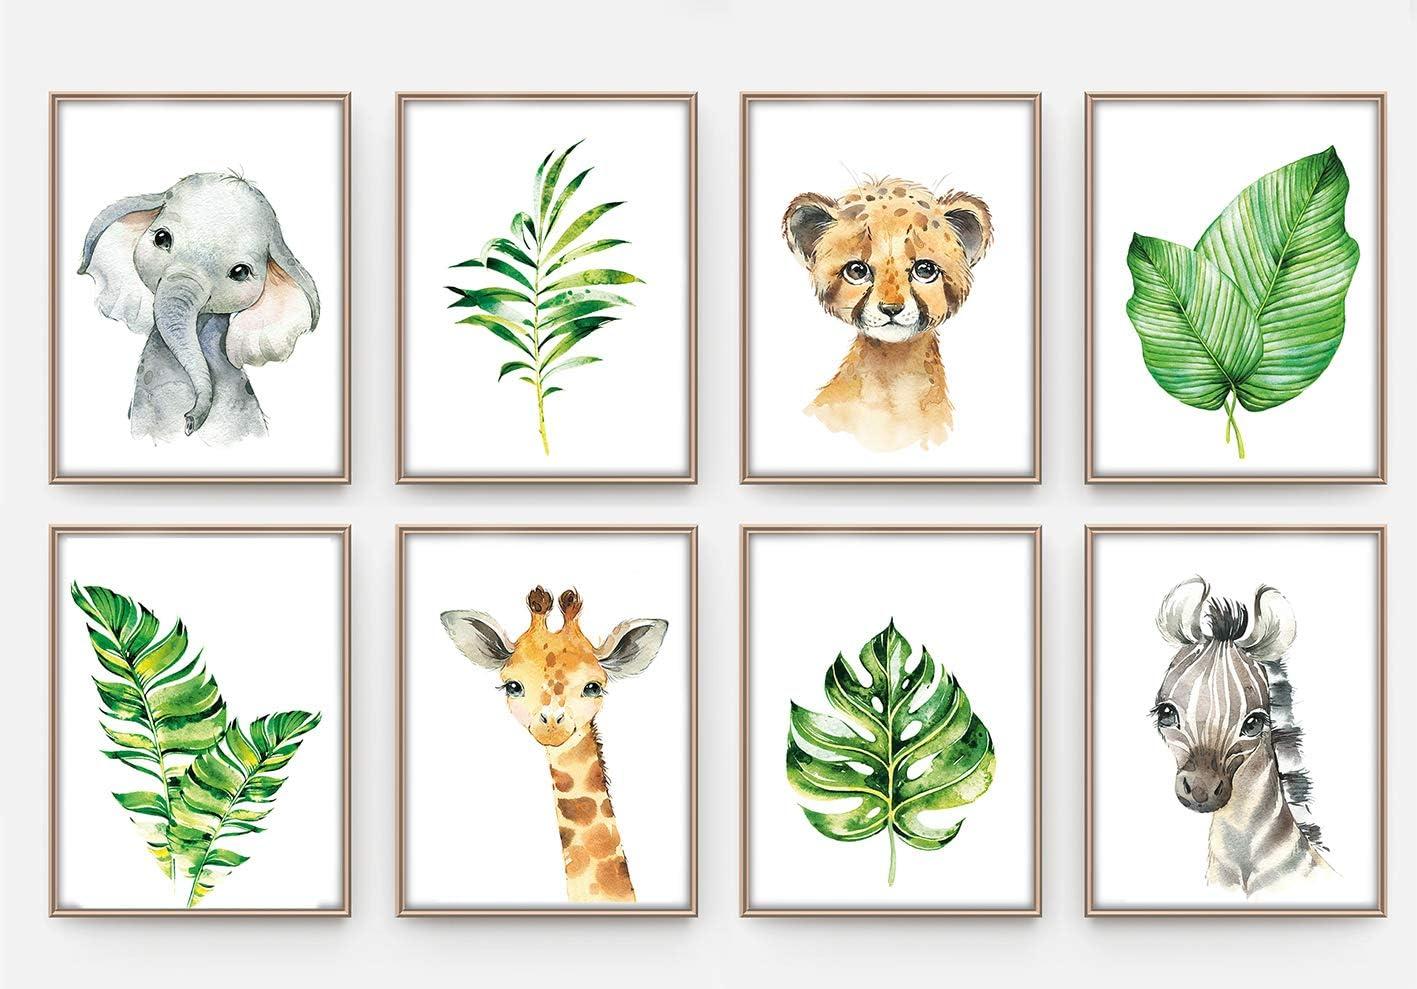 artpin/® eu de 8 posters pour chambre de b/éb/é//denfant DIN A4 Sans cadre Animaux de safari dans la jungle tropical d/écoration chambre fille gar/çon Girafe /él/éphant z/èbre tigre P37